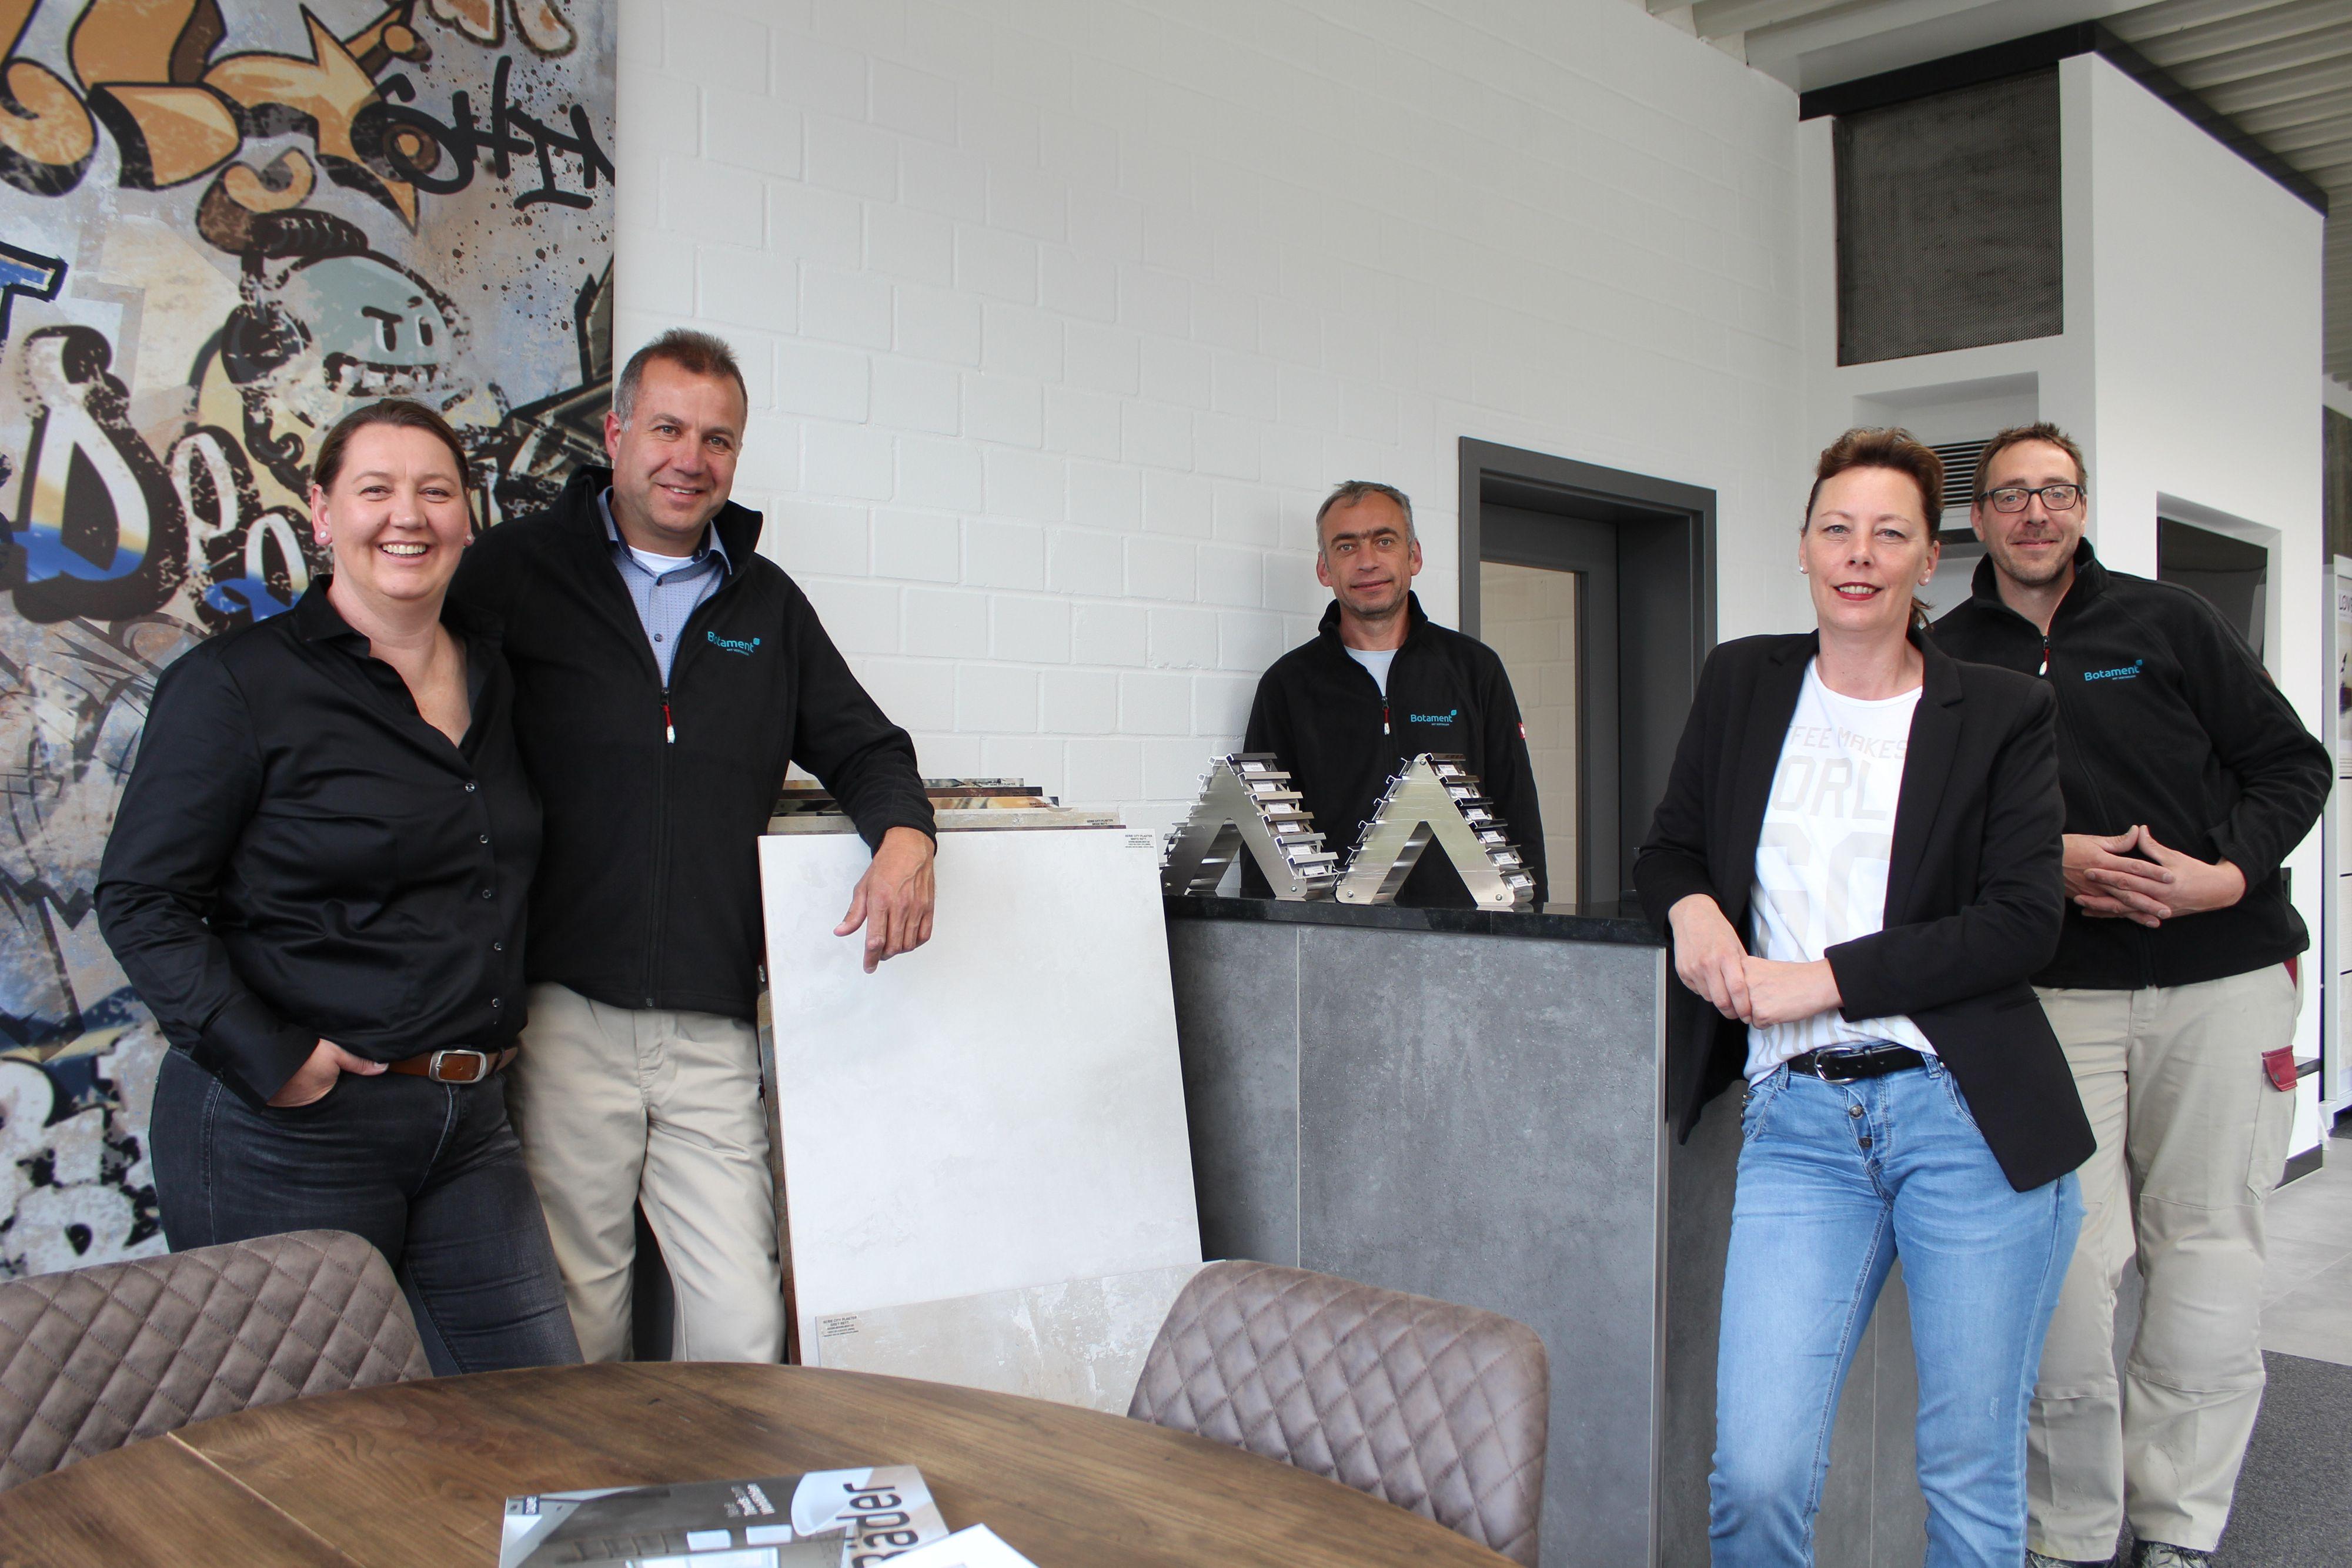 """Das Team (v.l.): <a href=""""https://www.made-in-dinklage.de/project/fliesen-fachmarkt-dinklage/"""">Nicole und Michael Kreutzmann</a>, Waldemar Buchholz, Sandra Arkenau und Heiner Aumann. Fotos: Heinzel"""